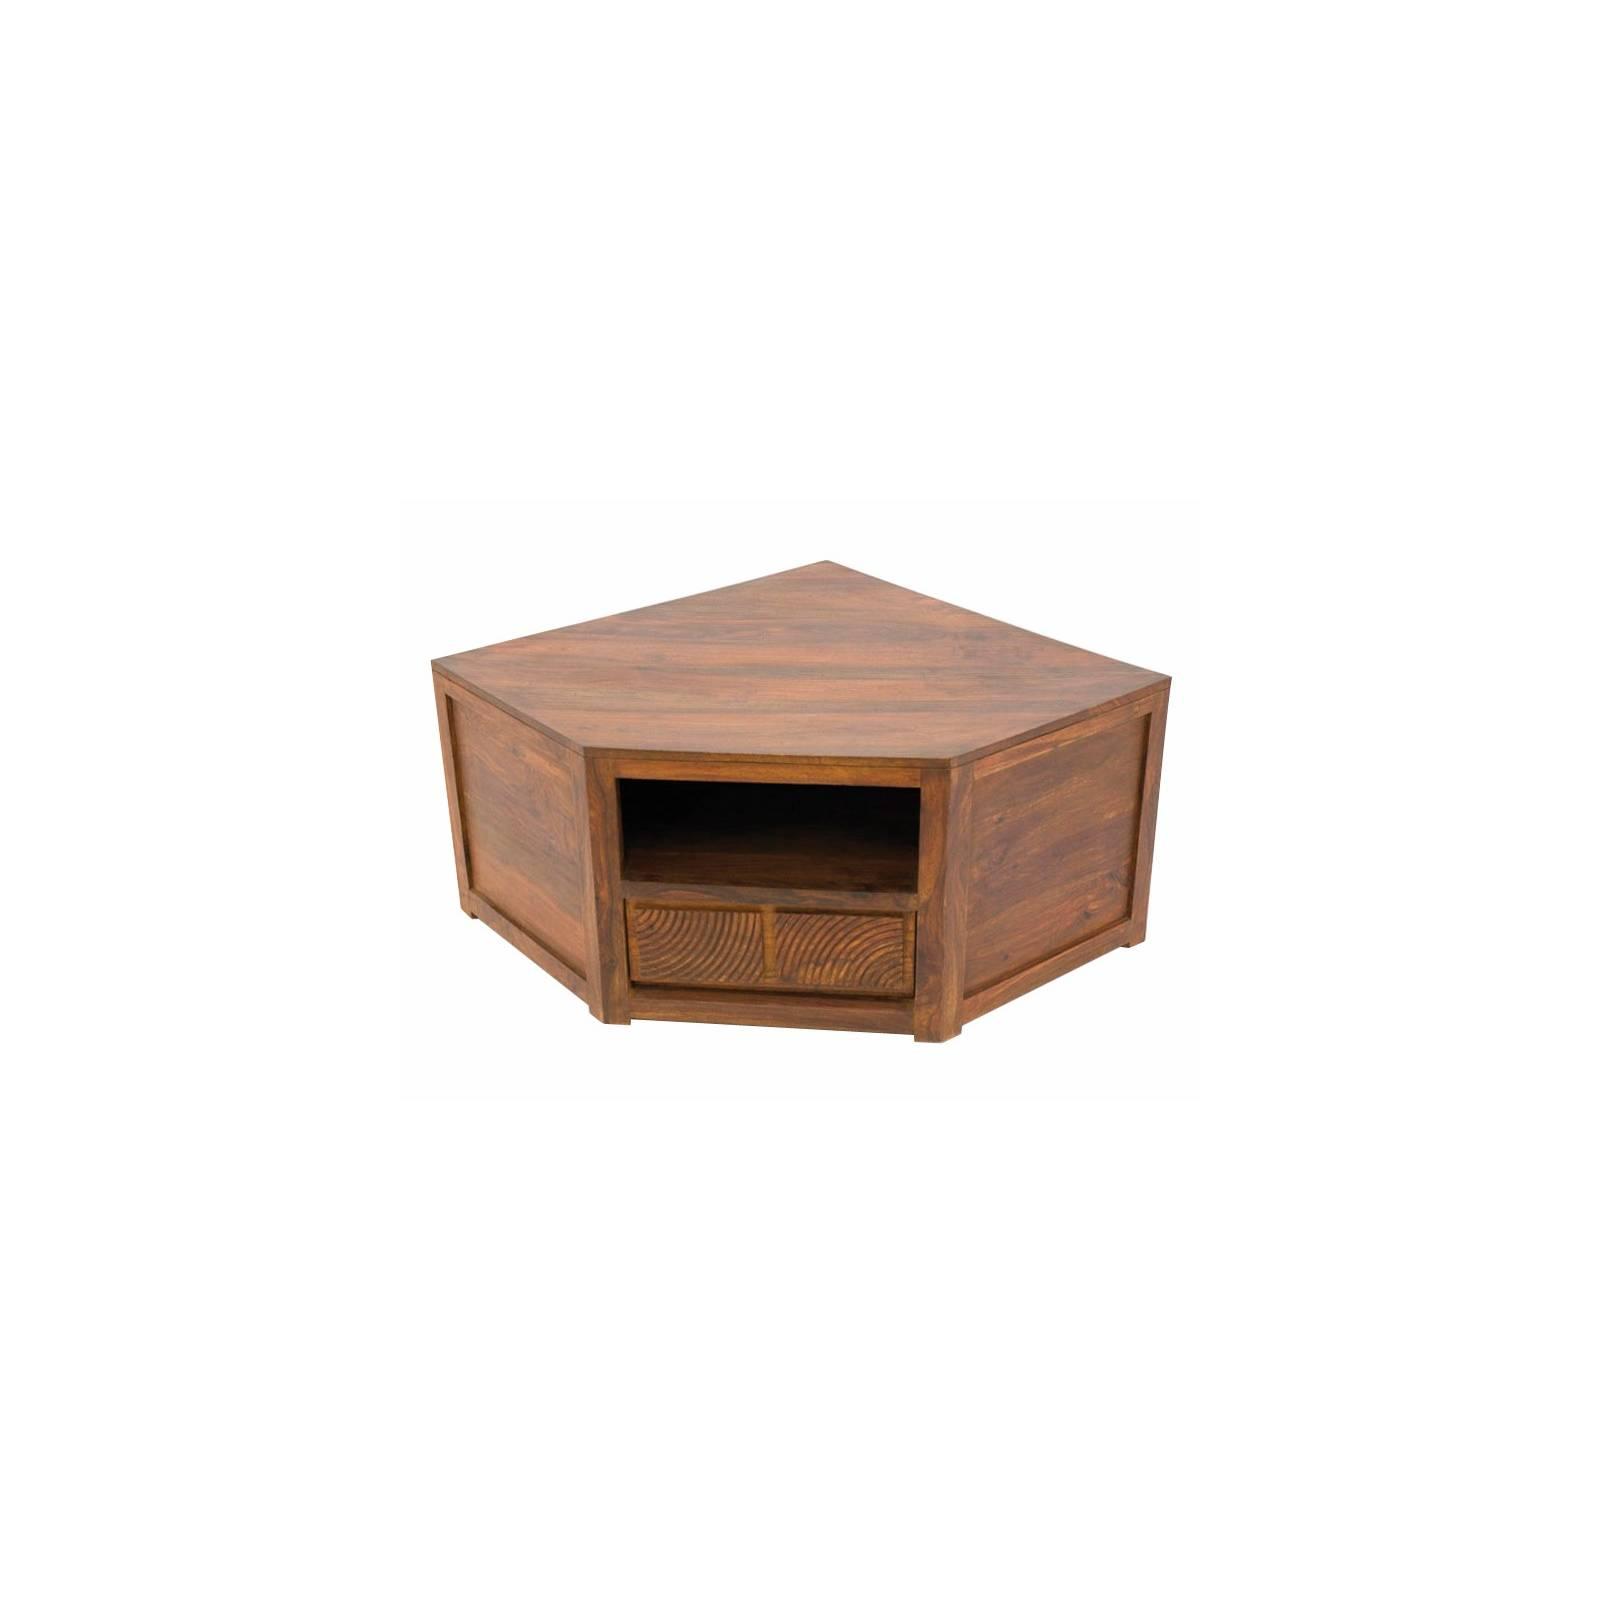 Meuble Tv Angle Sikasso Palissandre - meubles de salon style ethnique